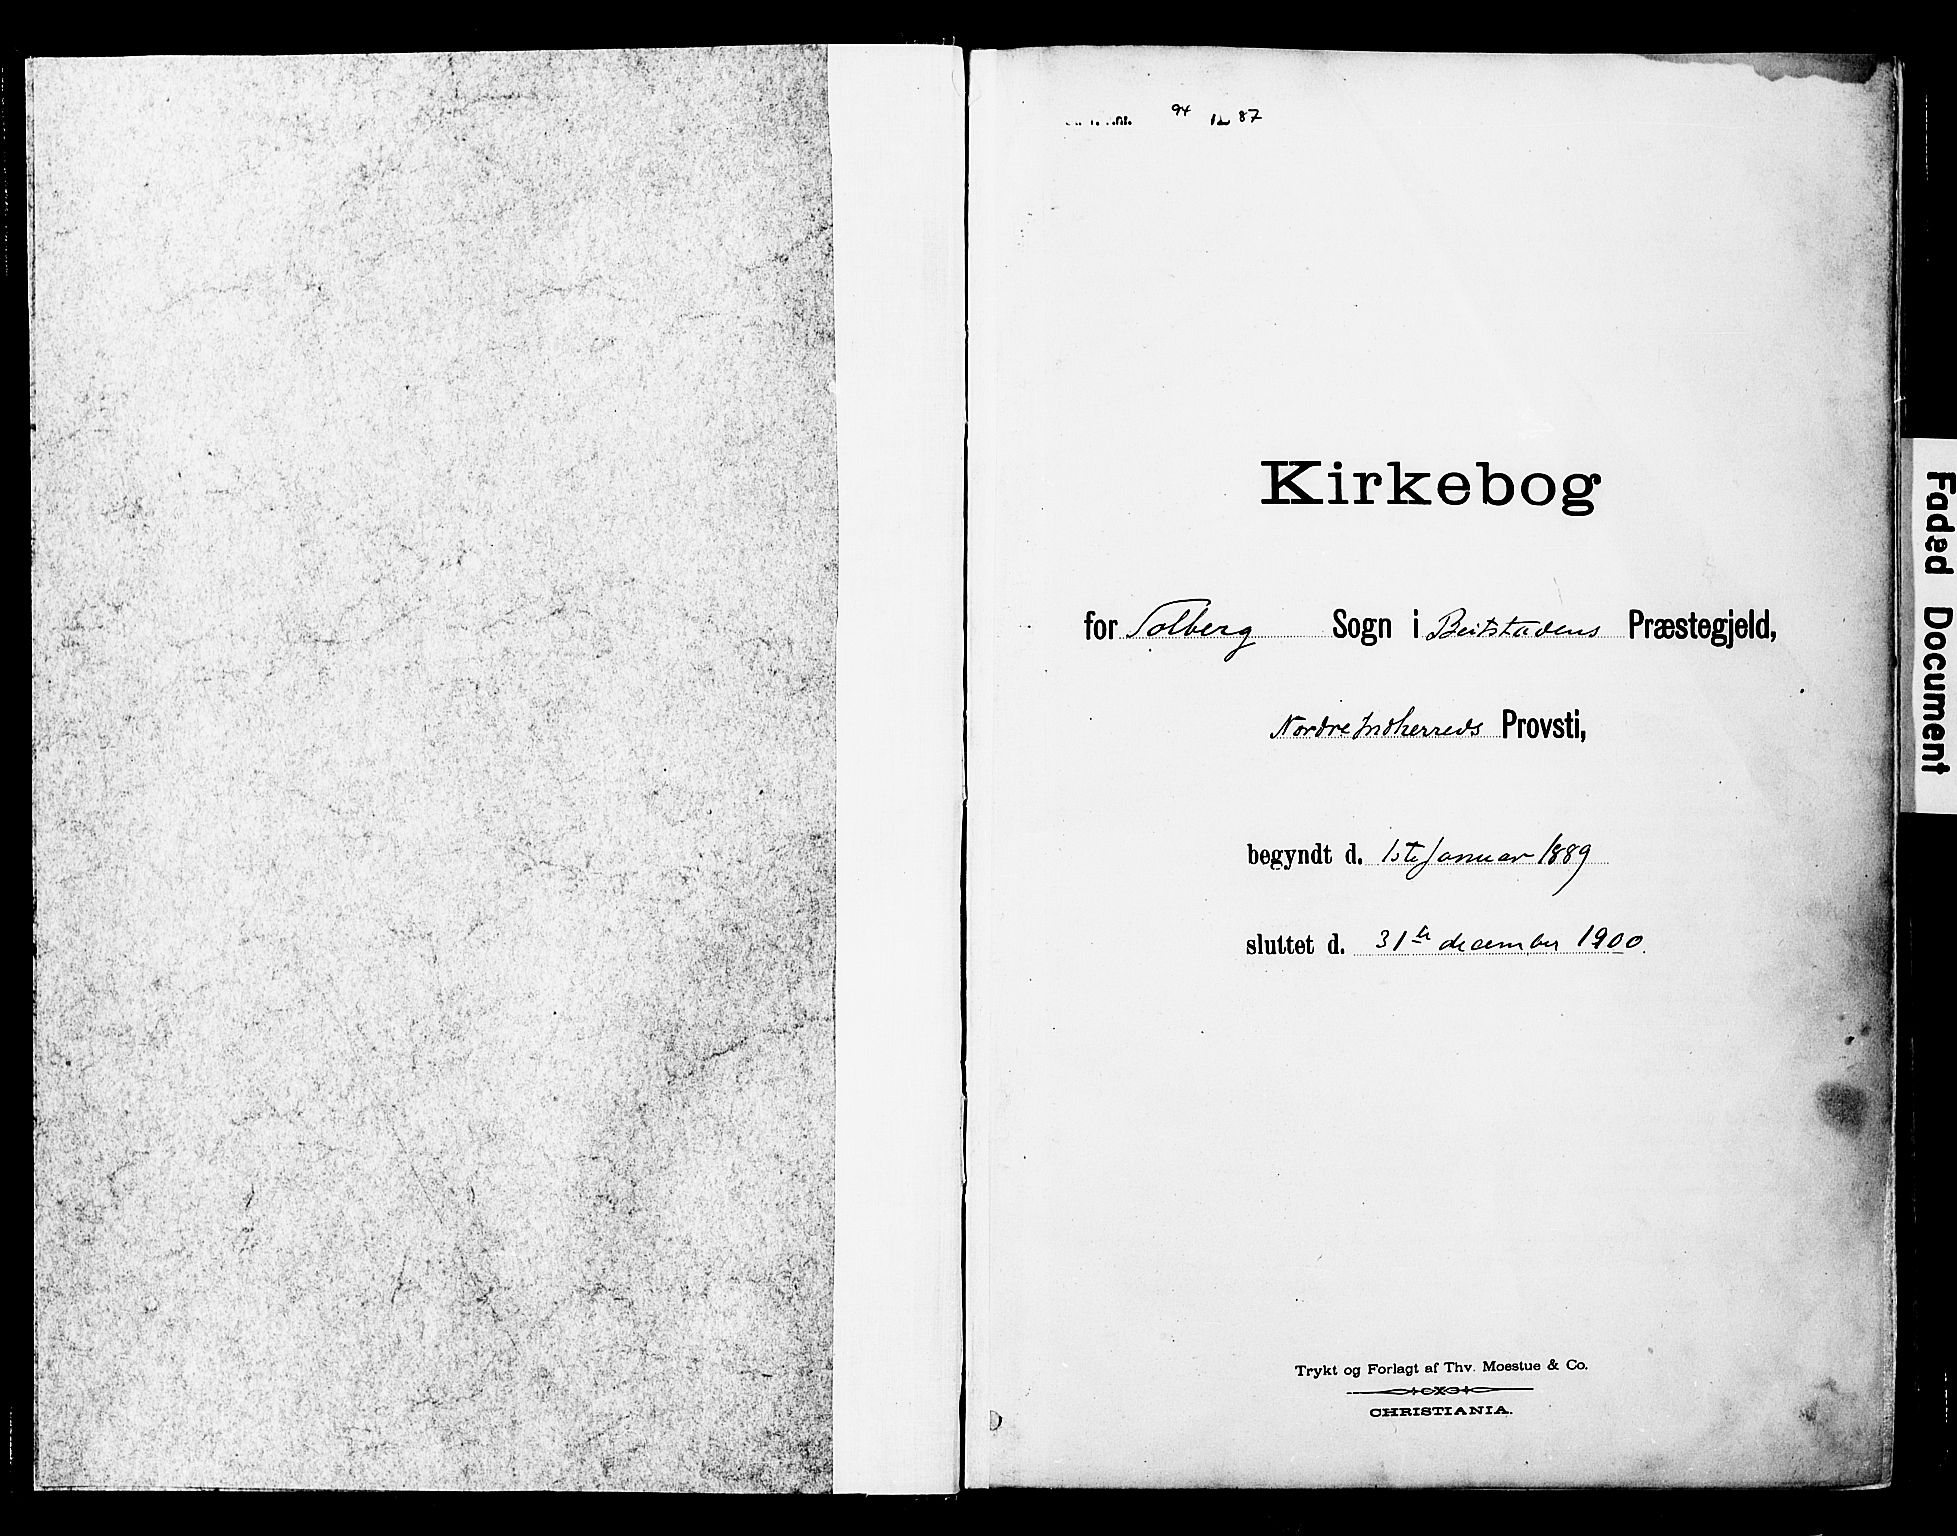 SAT, Ministerialprotokoller, klokkerbøker og fødselsregistre - Nord-Trøndelag, 741/L0396: Ministerialbok nr. 741A10, 1889-1901